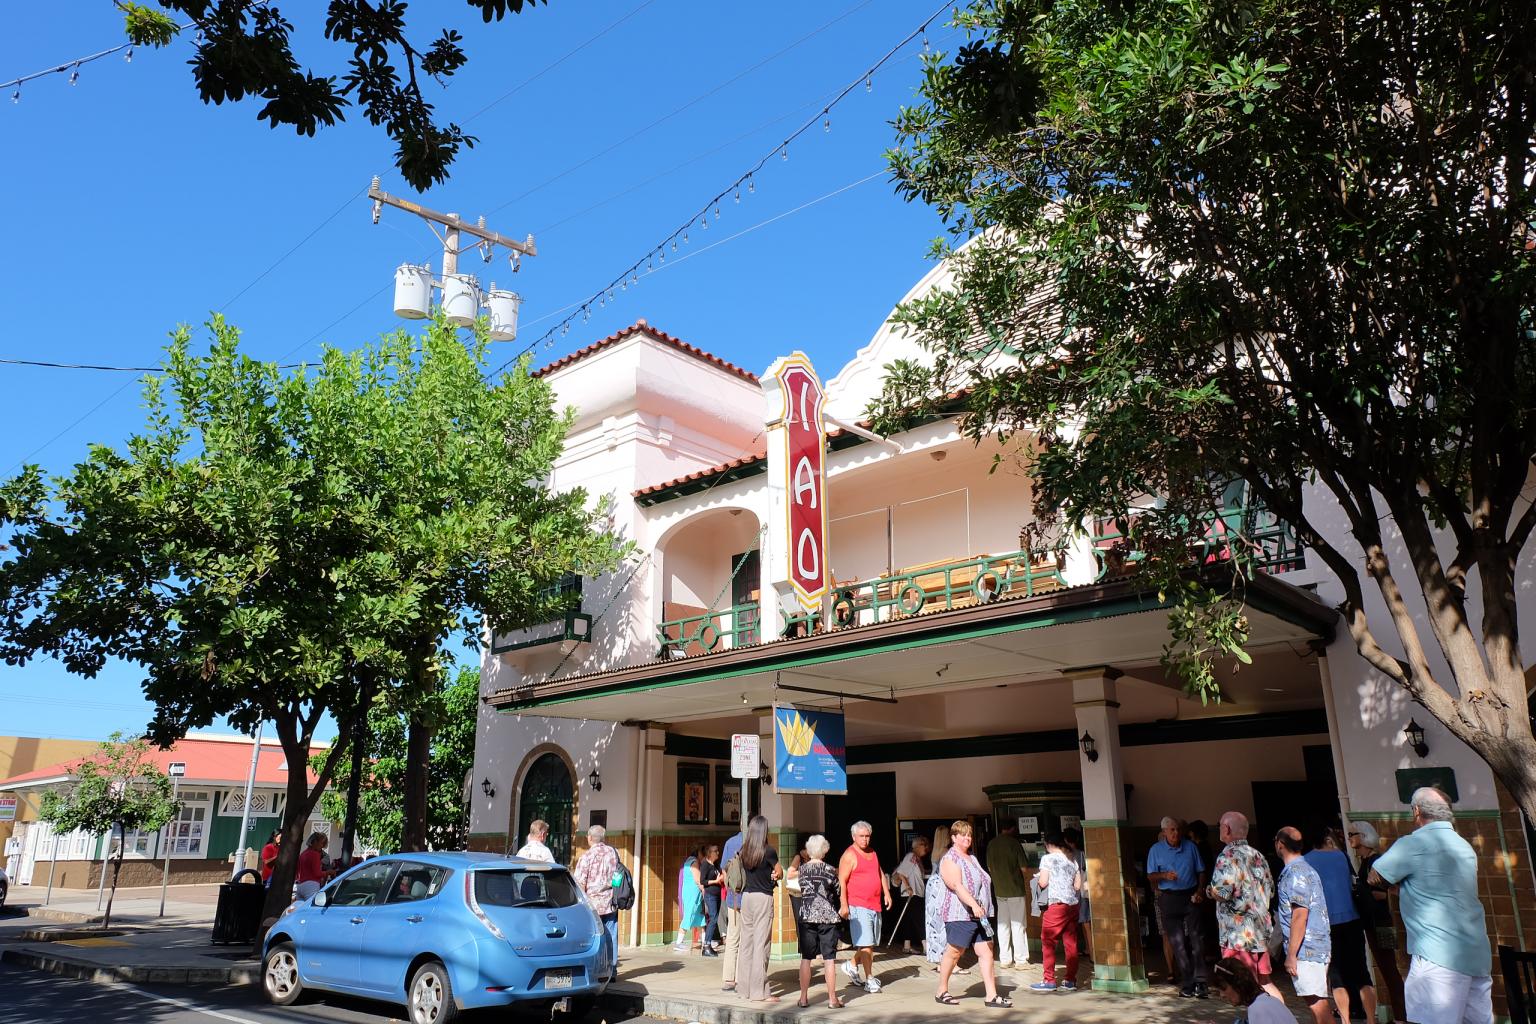 Historical Iao Theatre